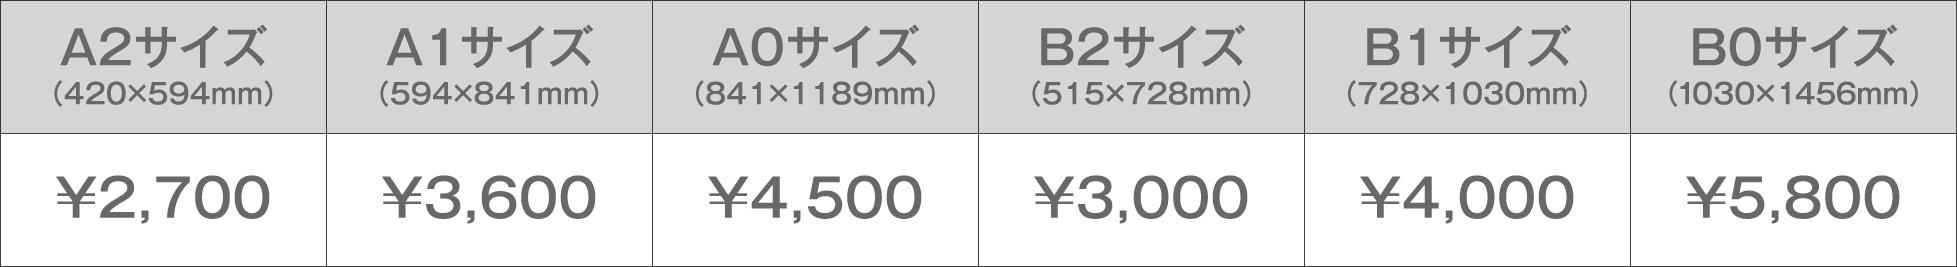 densyoku_price